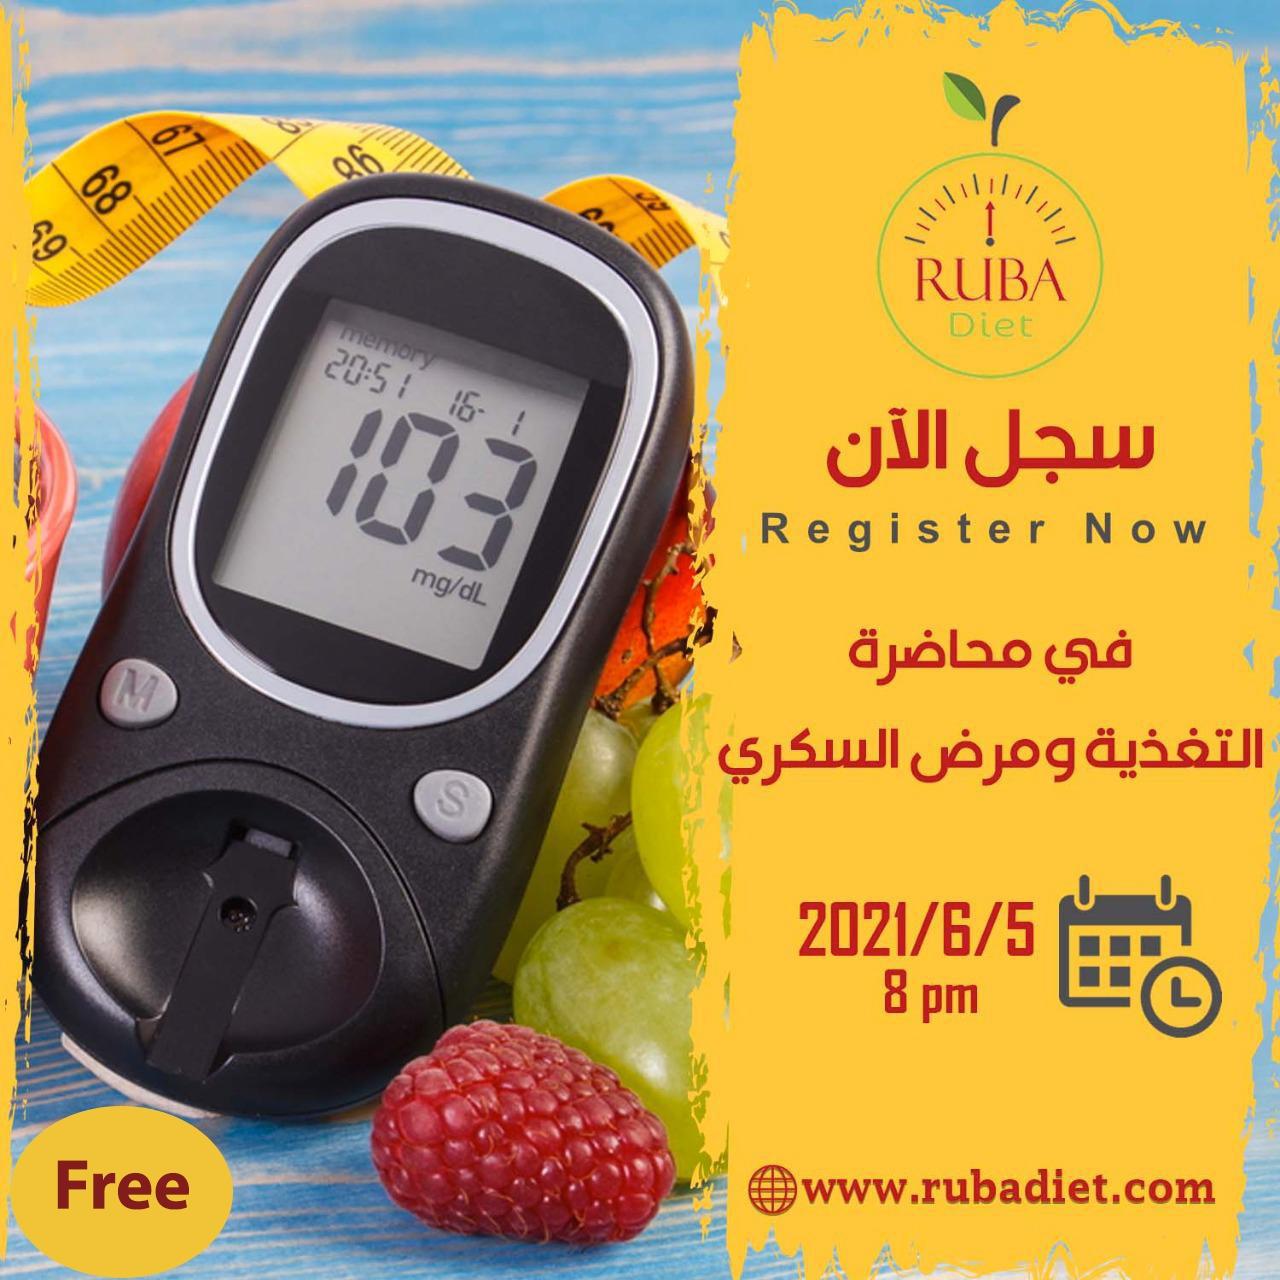 محاضرة مجانية للتغذية و مرض السكري